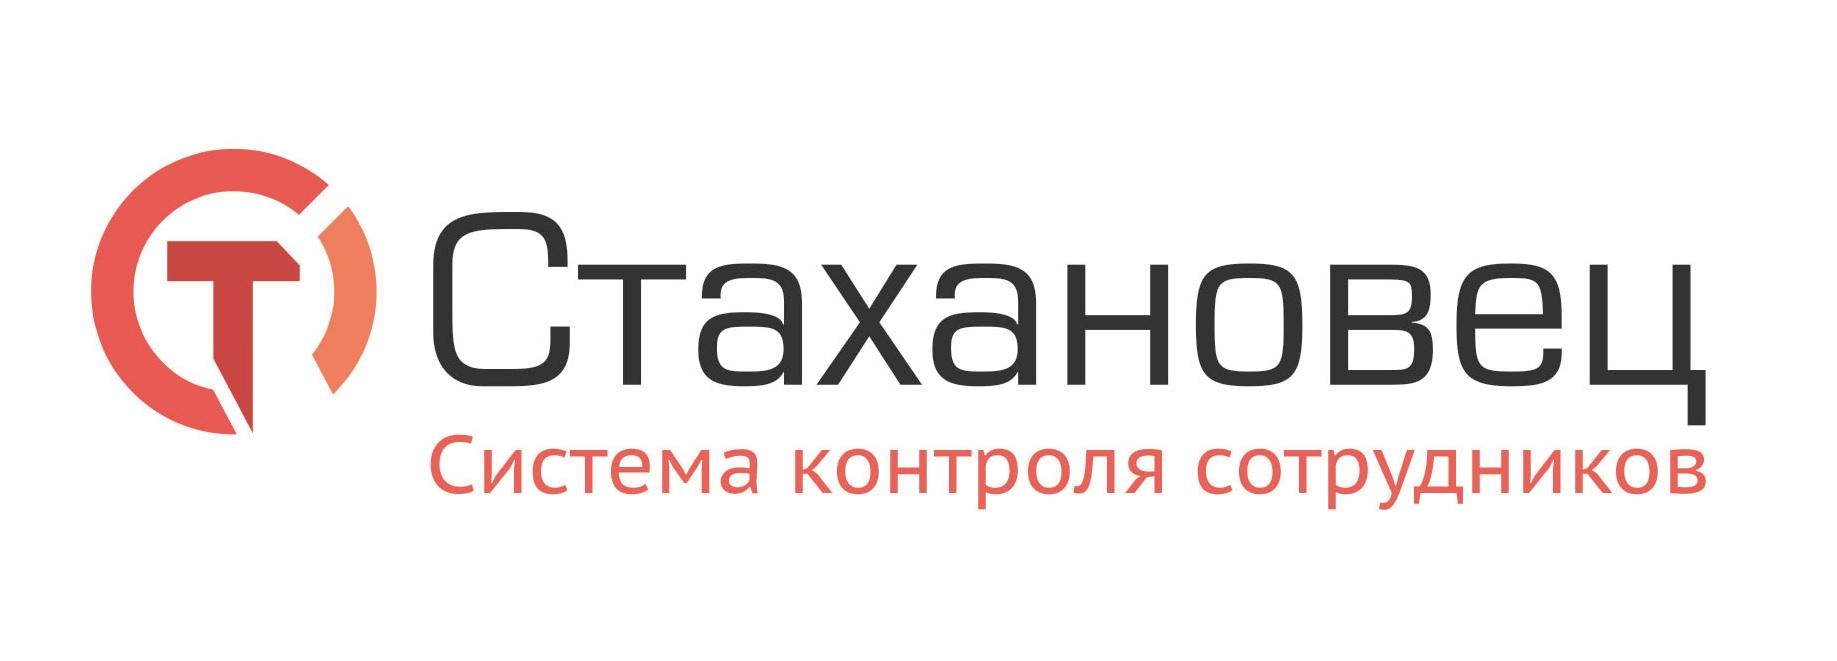 Stakhanovets  - полный контроль над действиями сотрудников